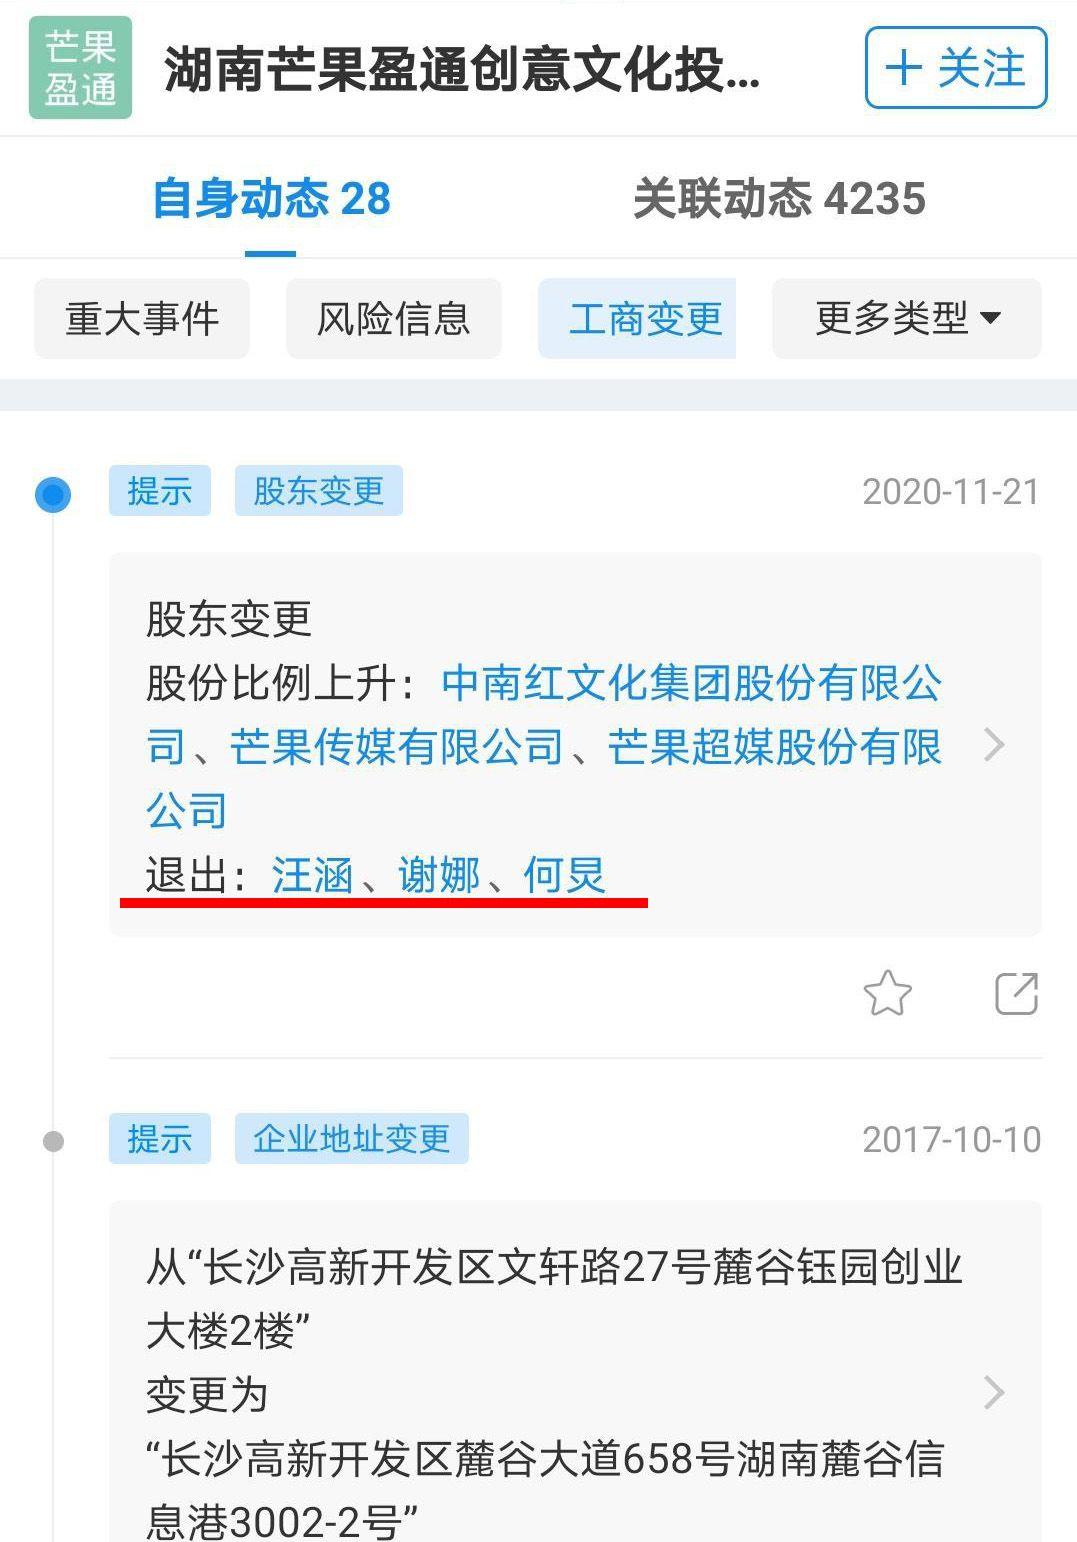 湖南台顶梁柱退出,网传谢娜离开已成事实,其实何炅早就想要退休